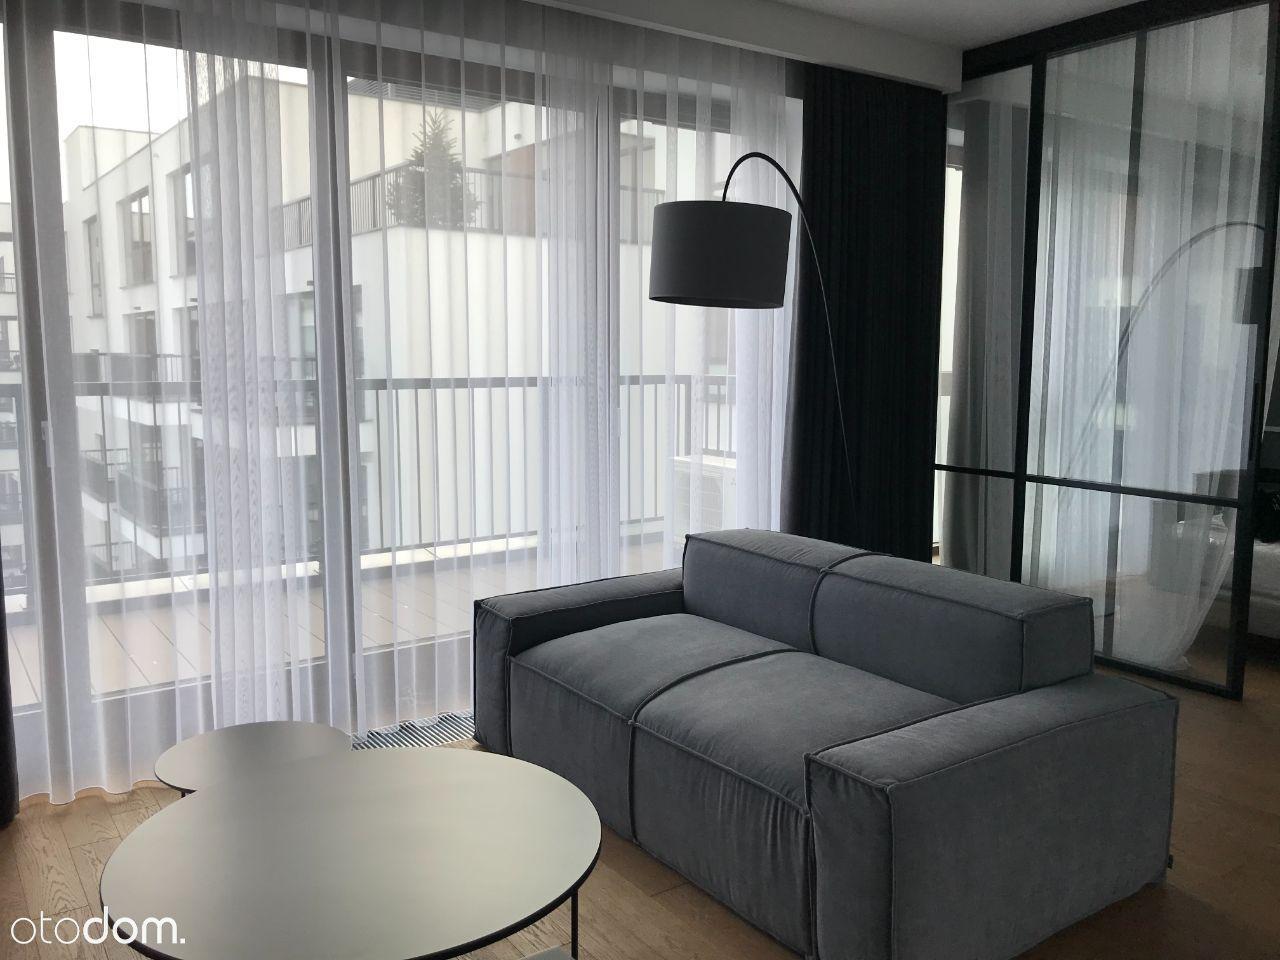 Apartament do wynajęcia na Woli w Warszawie!